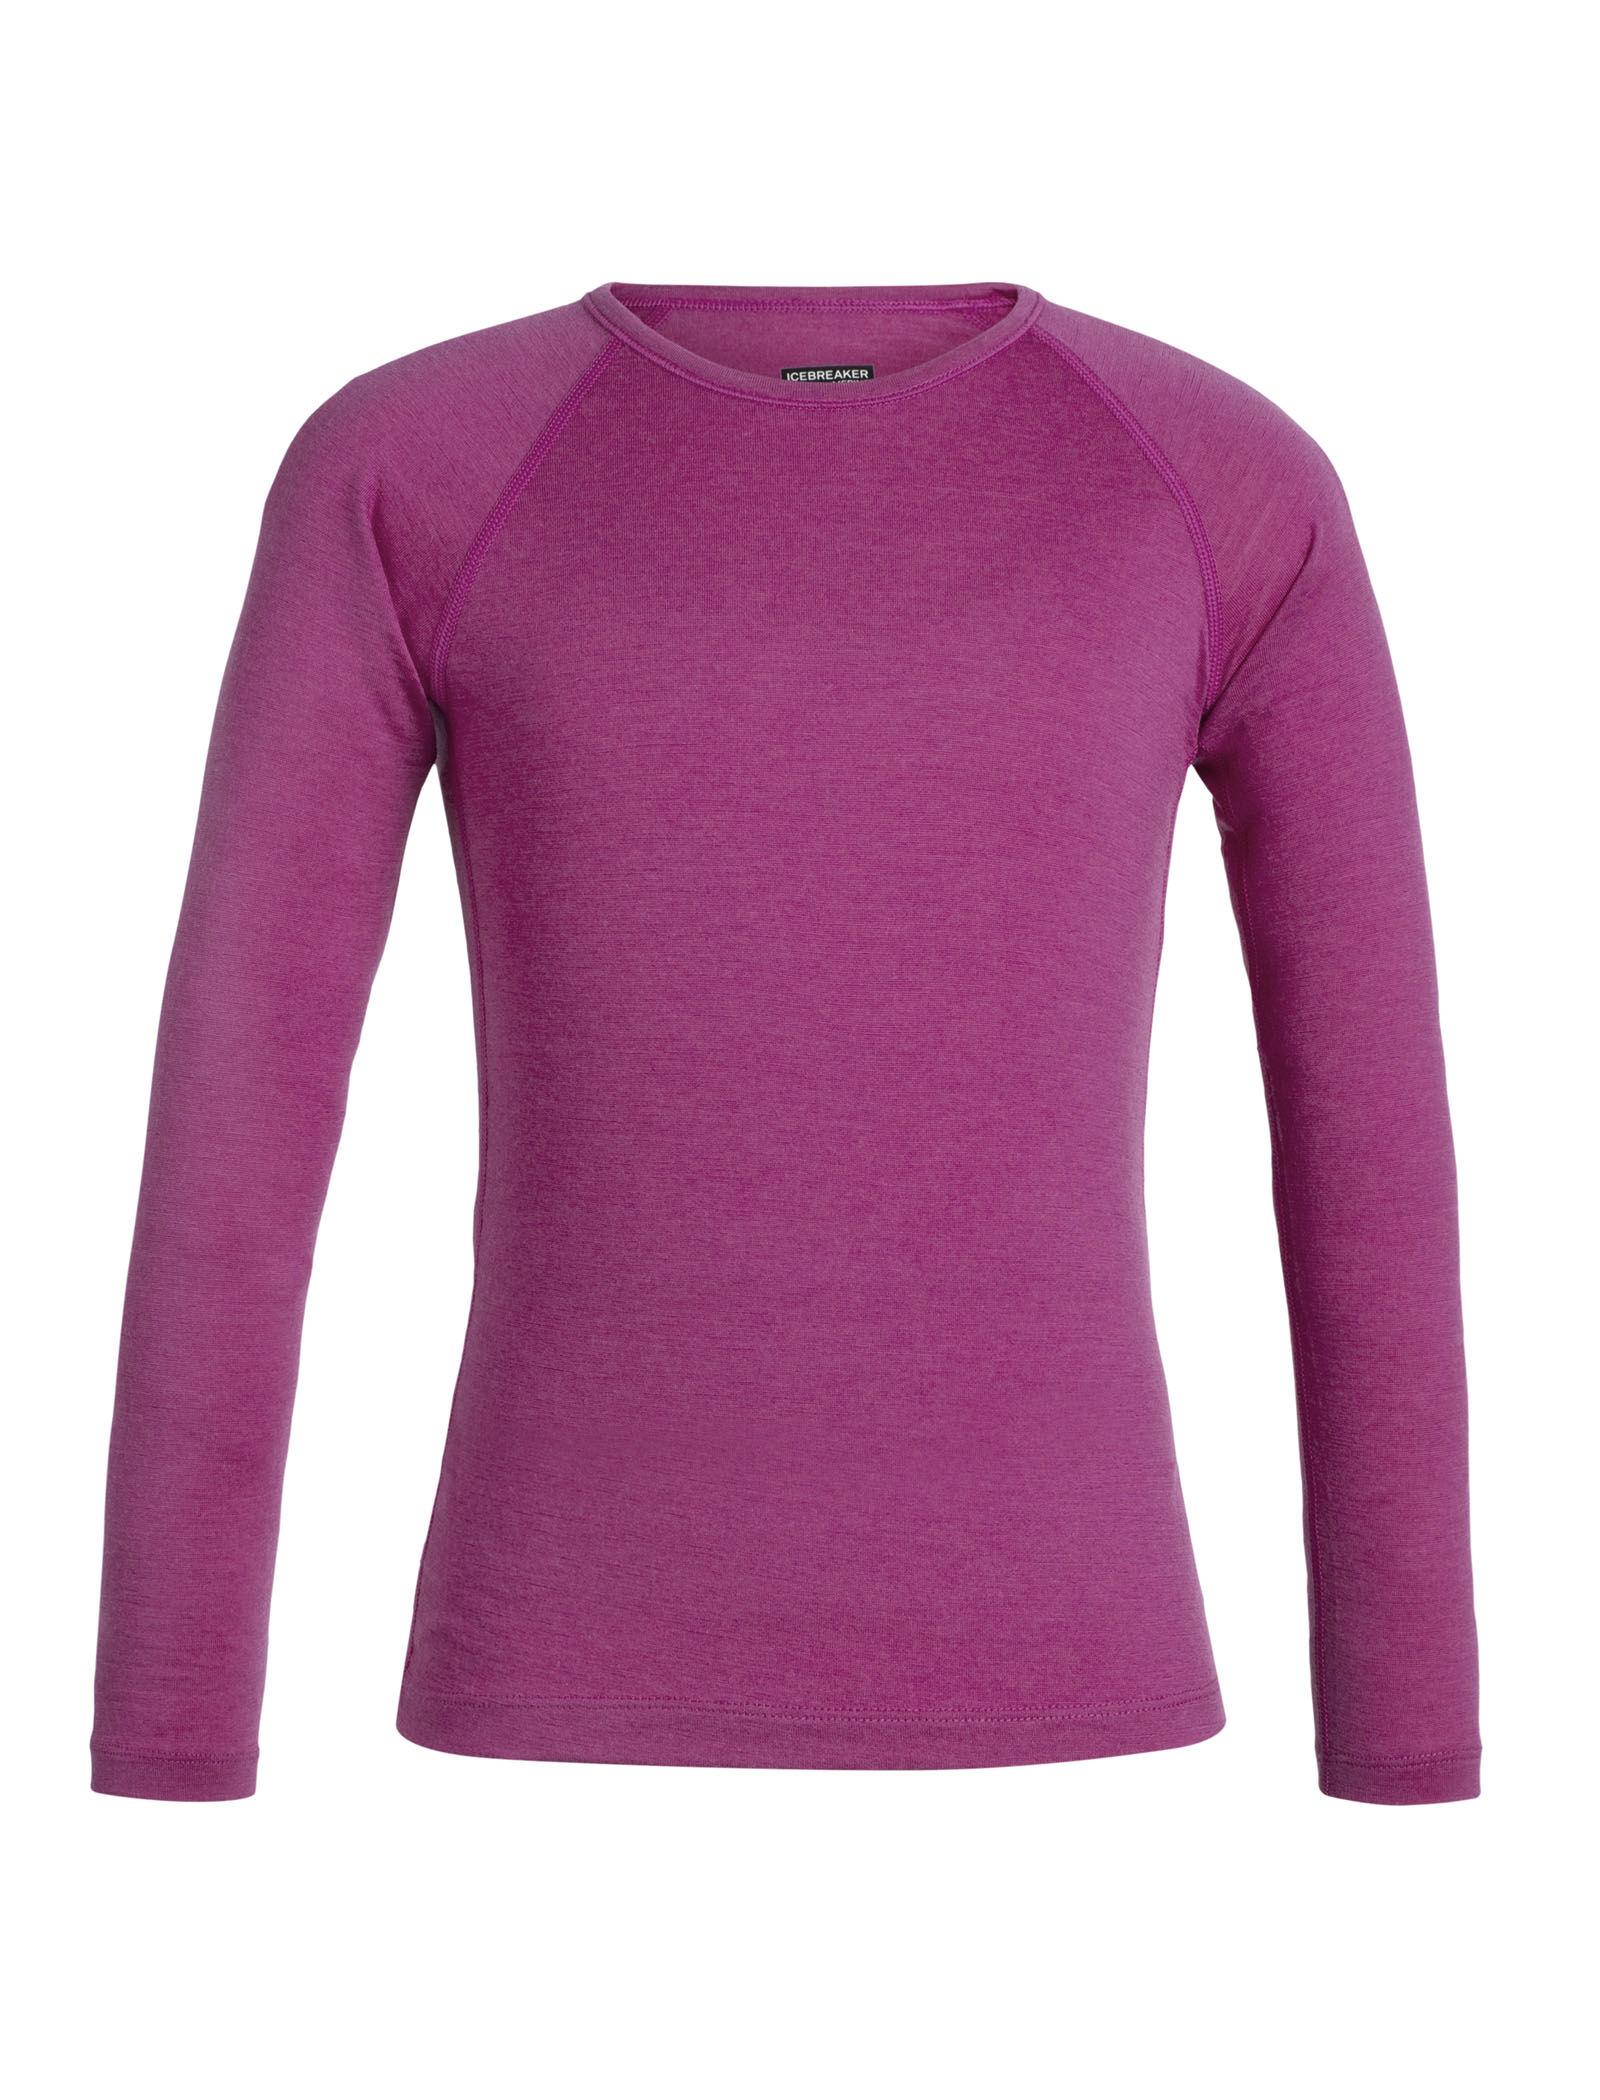 Hiver Essentials Kids Comfort Fit Garçons Thermal T-shirt pantalon long set sous-vêtement